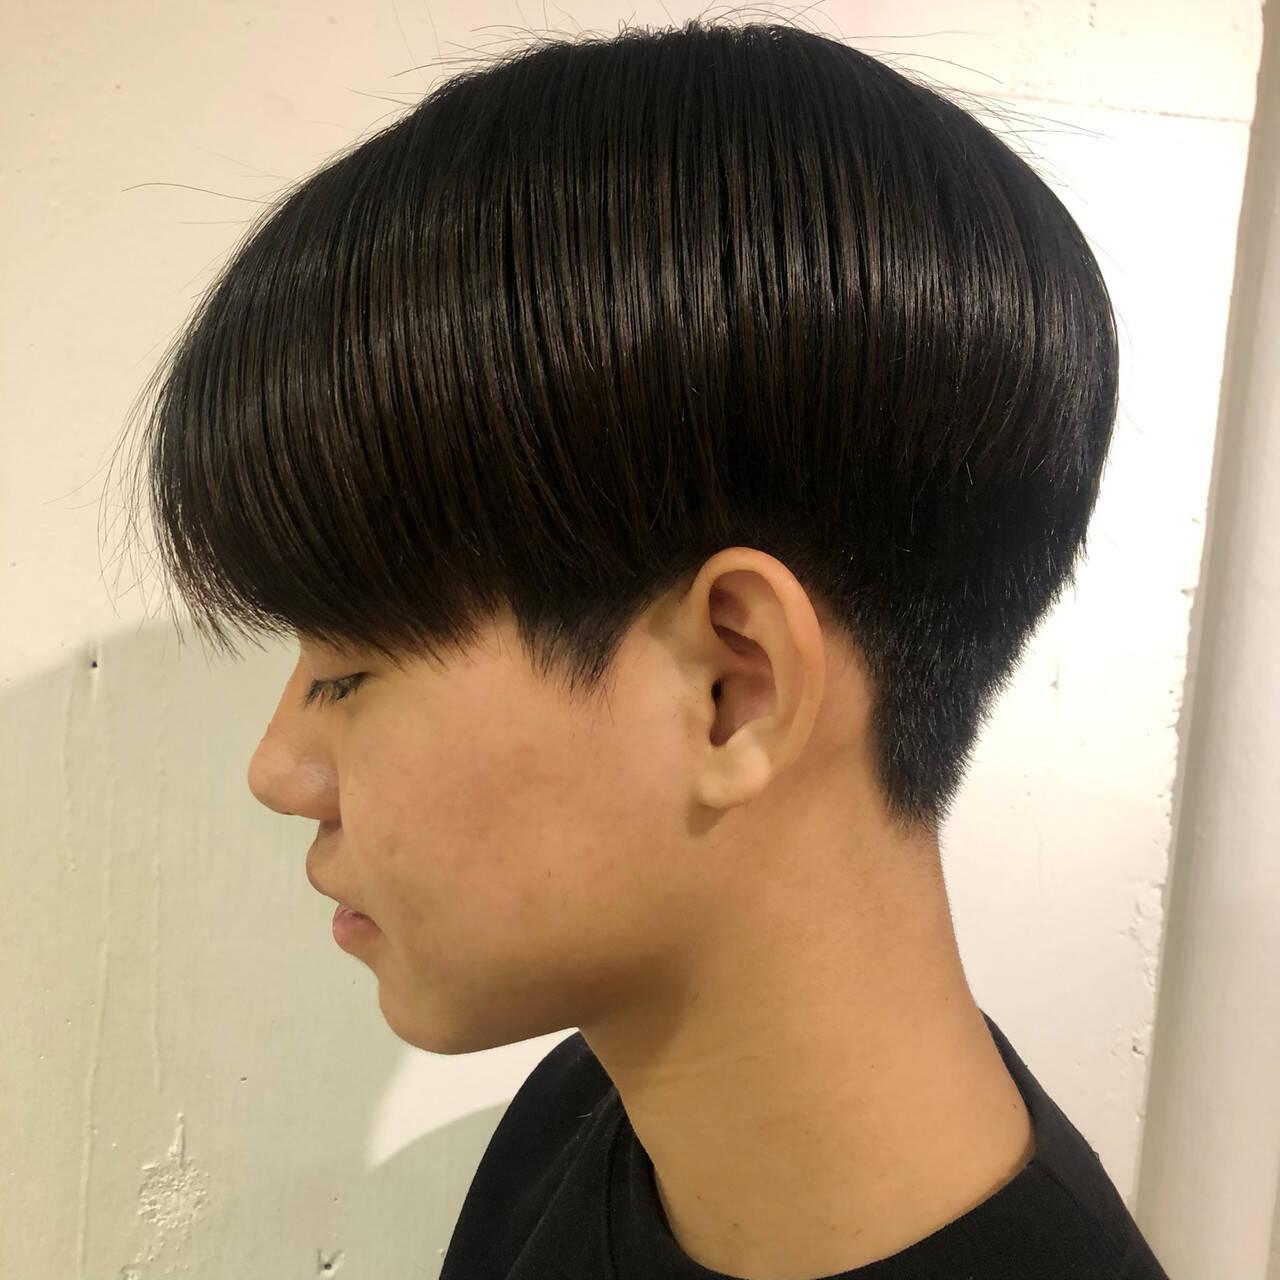 メンズヘア ナチュラル ショート 刈り上げヘアスタイルや髪型の写真・画像